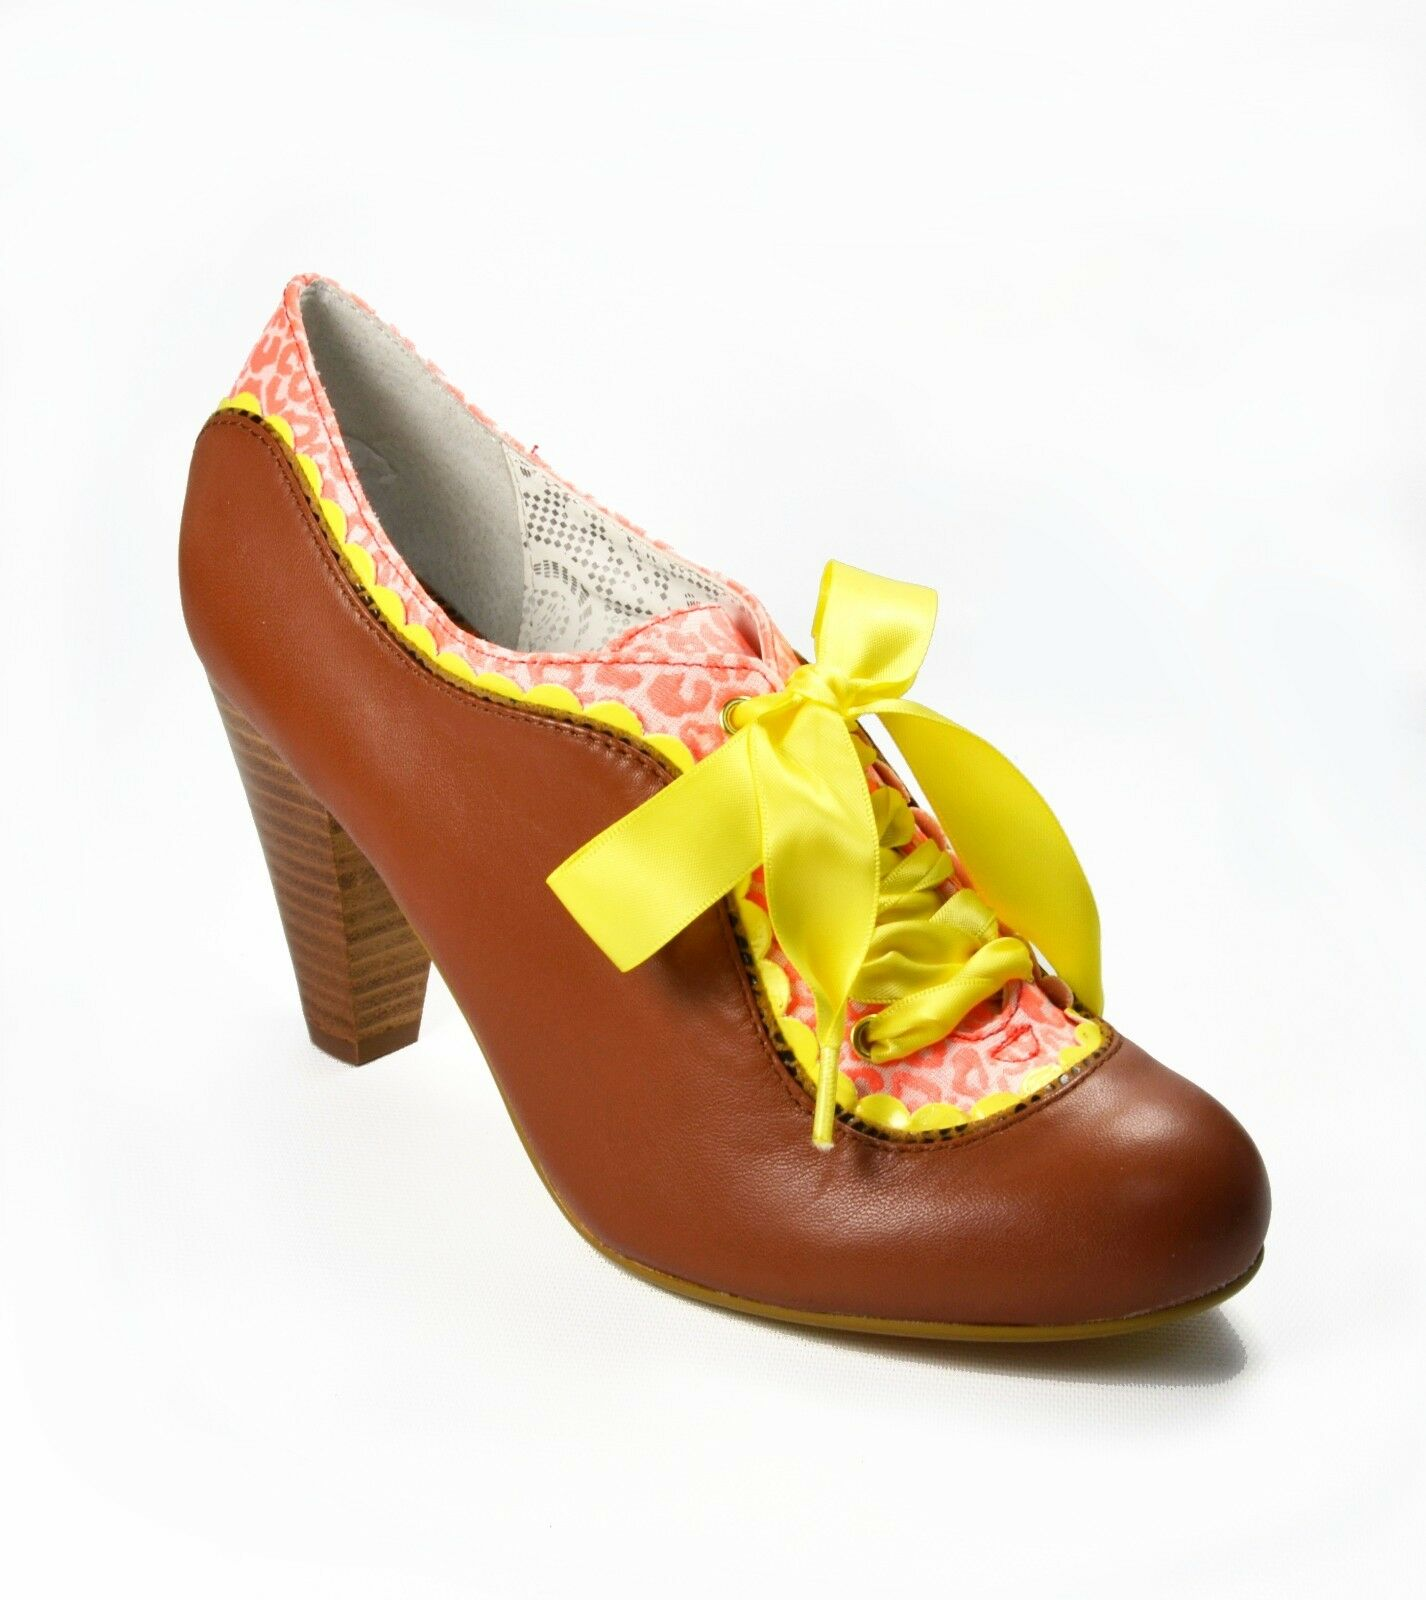 grandes ahorros Licencia Licencia Licencia poética Mujeres Zapatos Cuero Marrón Tabaco Botín contragolpe elige un tamaño  el mas de moda